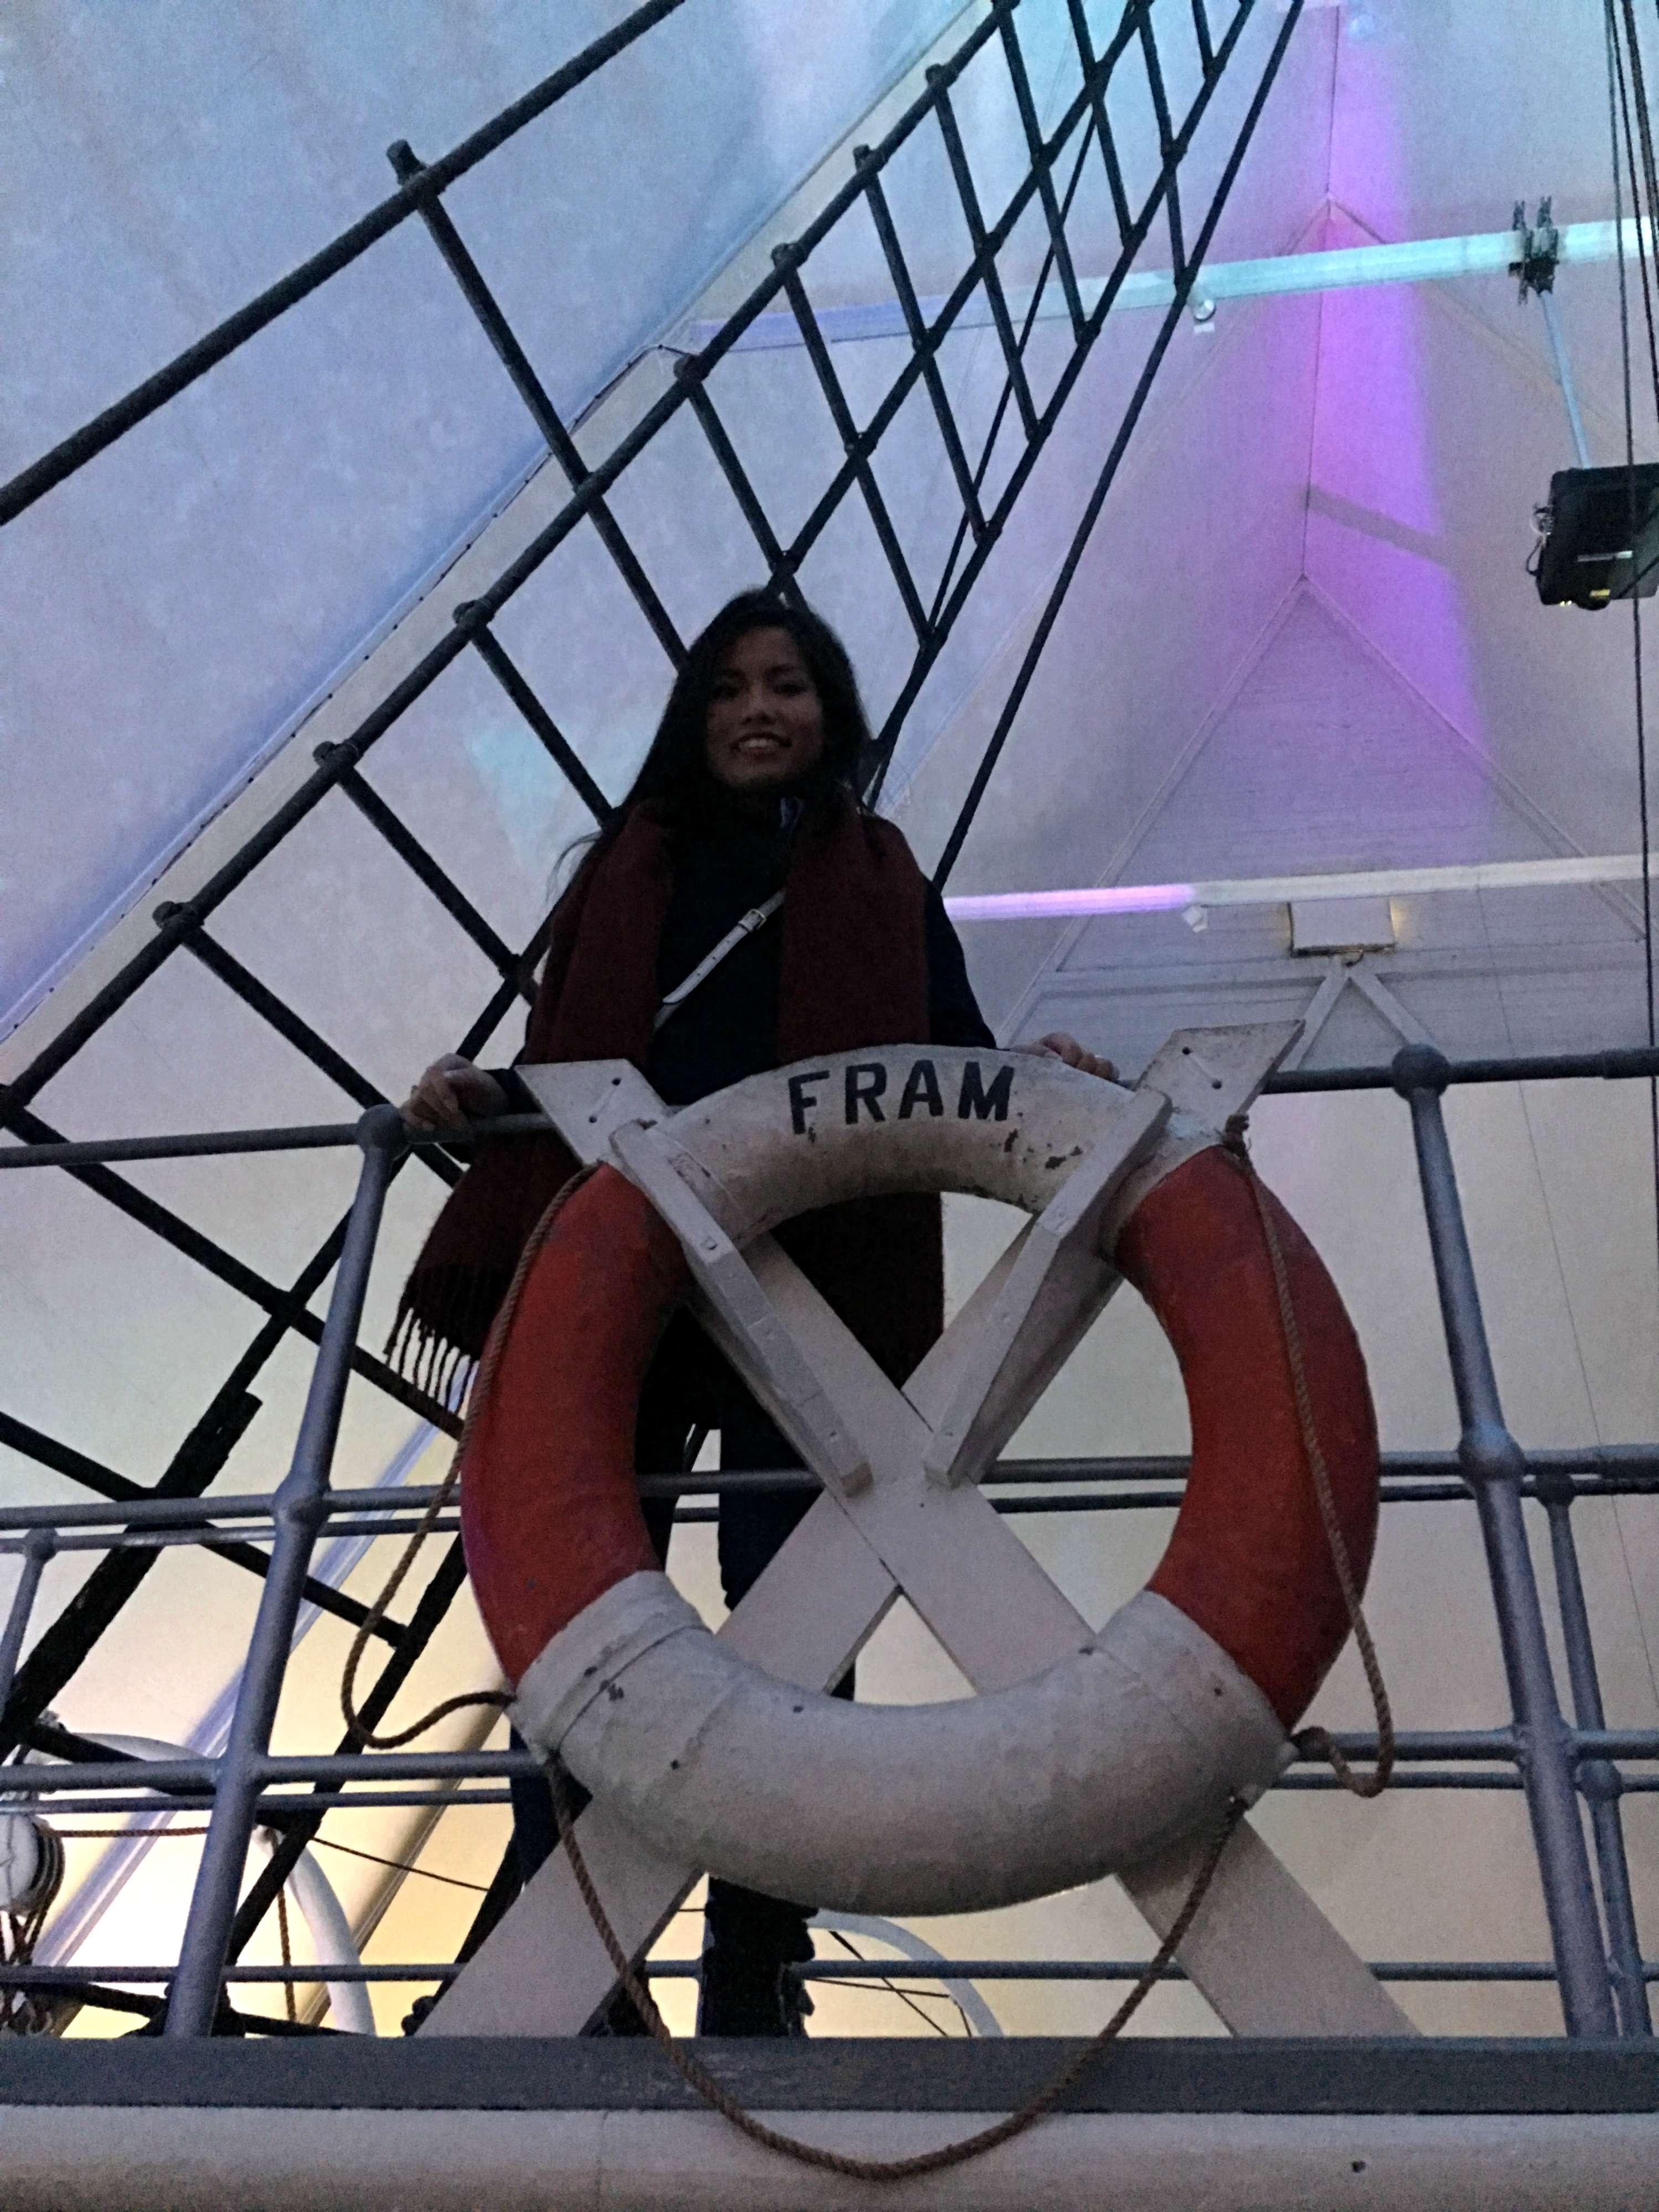 Onboard Fram